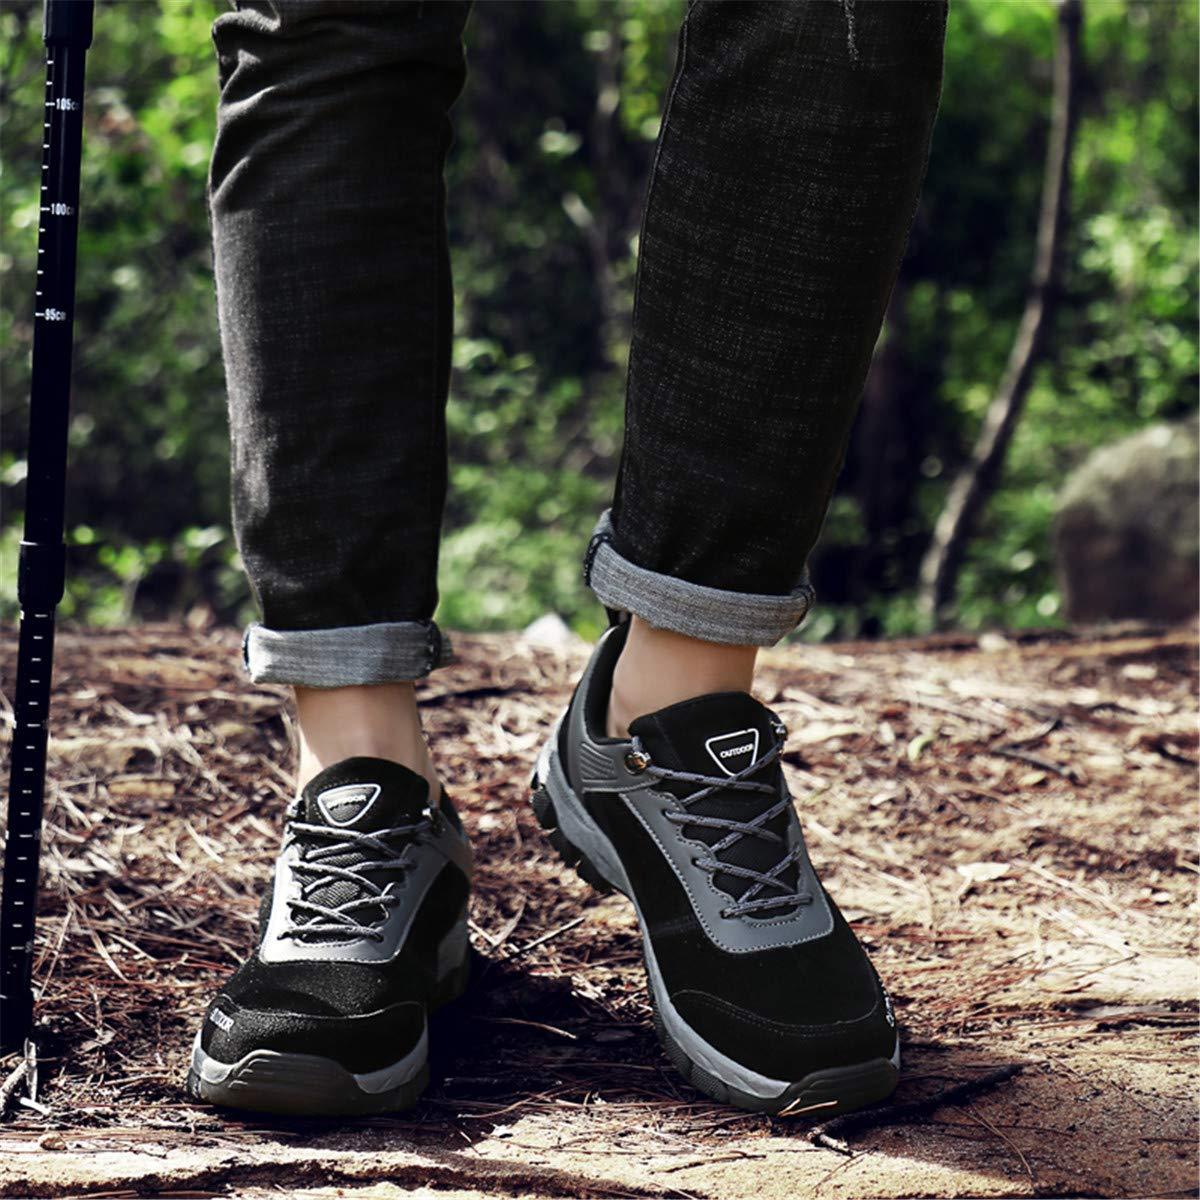 gracosy Wanderschuhe Herren Laufschuhe Sportschuhe Turnschuhe Trainers Running Fitness Atmungsaktiv Sneakers Trekking Schuhe Sport Outdoorschuhe